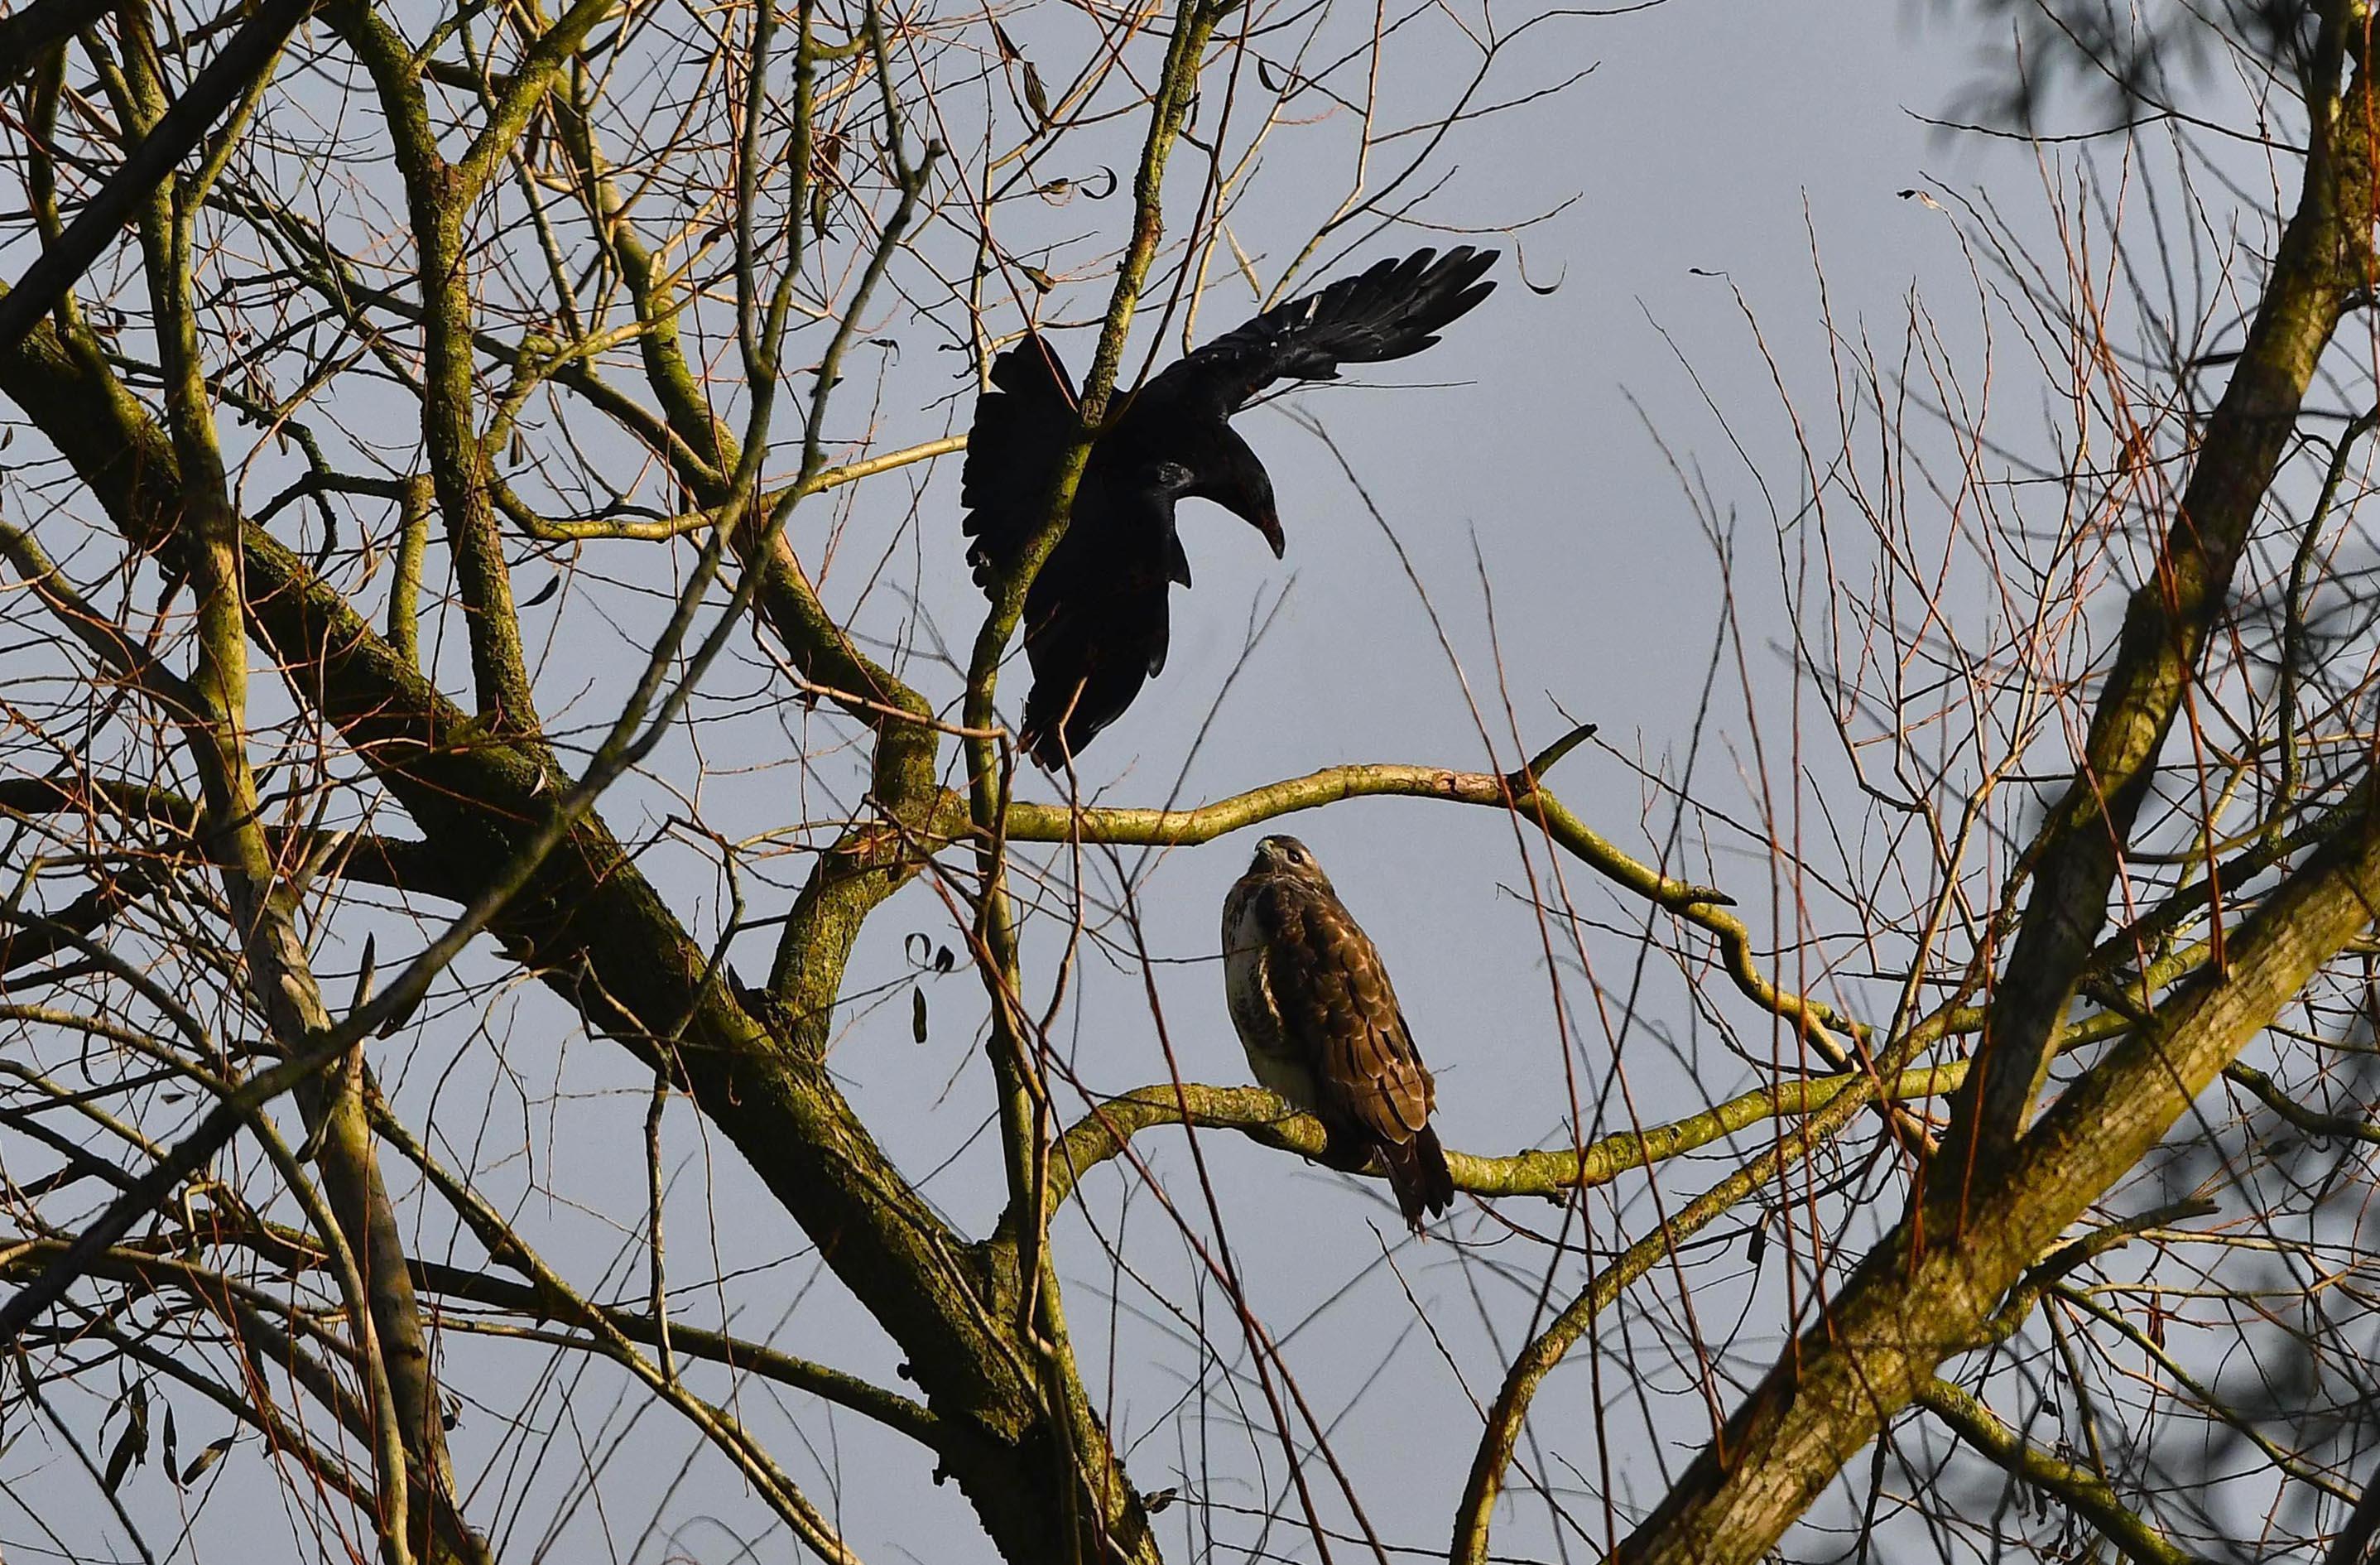 De onverstoorbare buizerd met de aanvallende zwarte kraai - Foto: ©Louis Fraanje